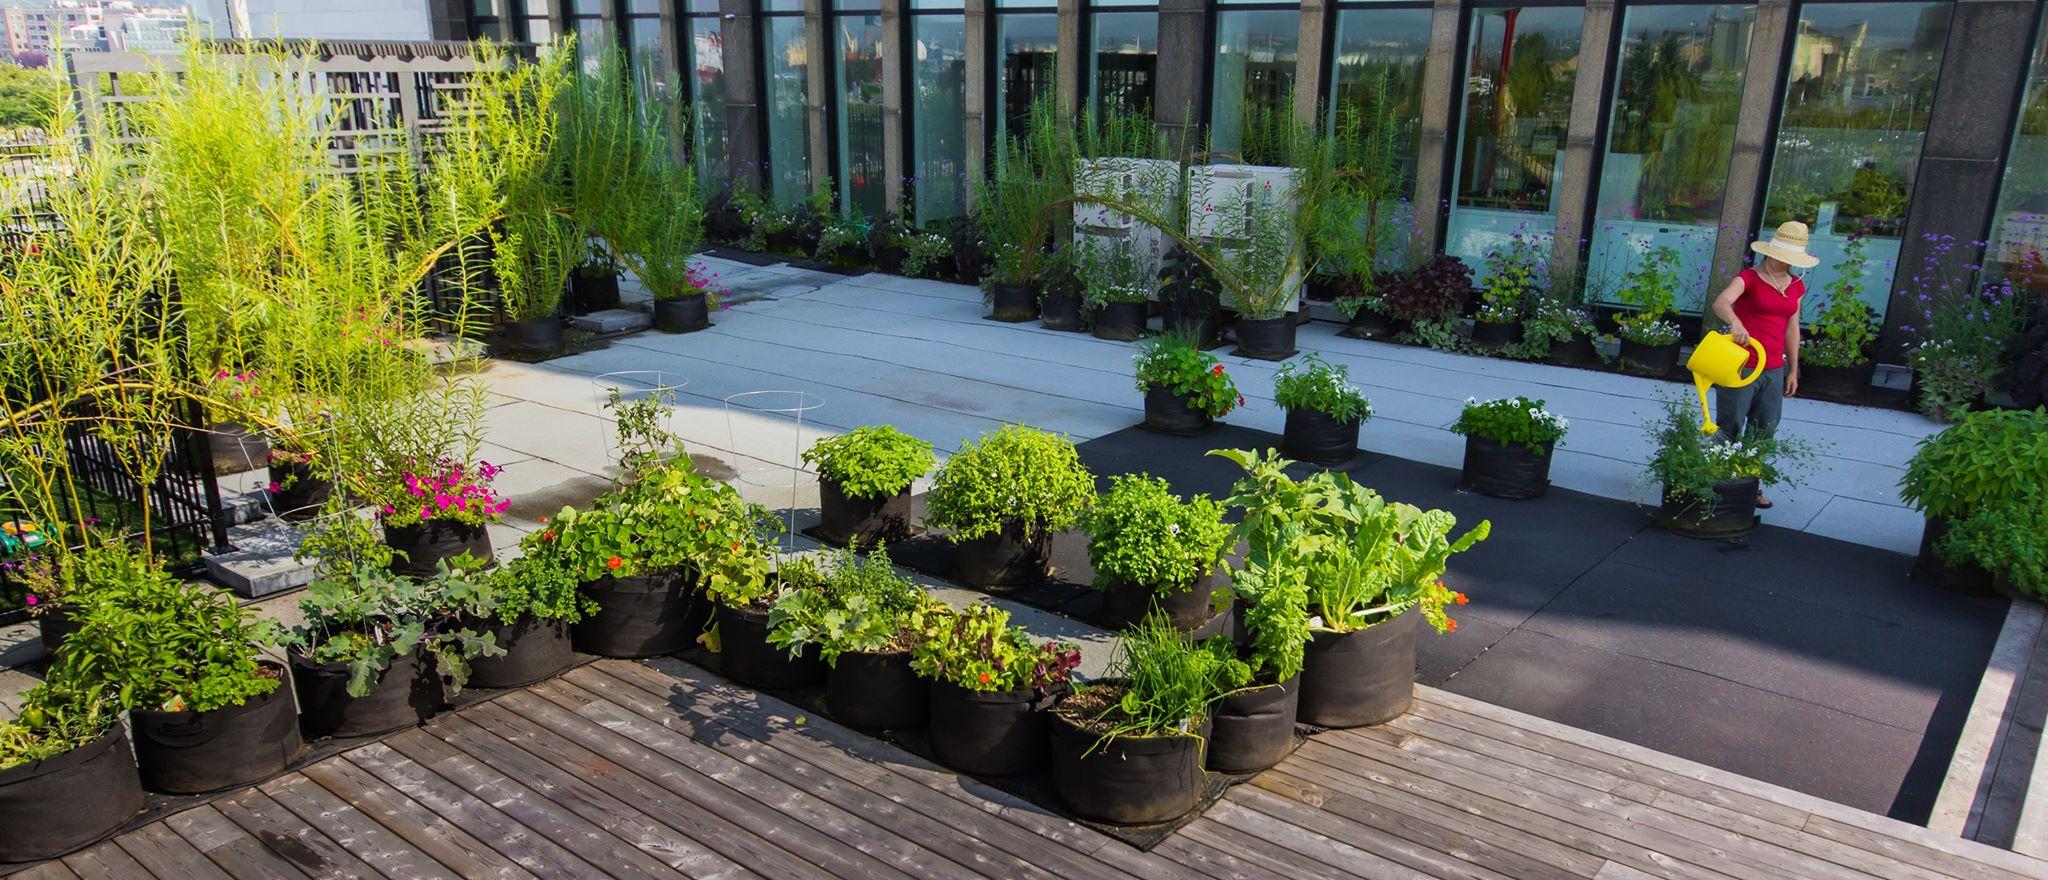 Le potager se cultive toutes les sauces jardinier conseil for Jardinier conseil